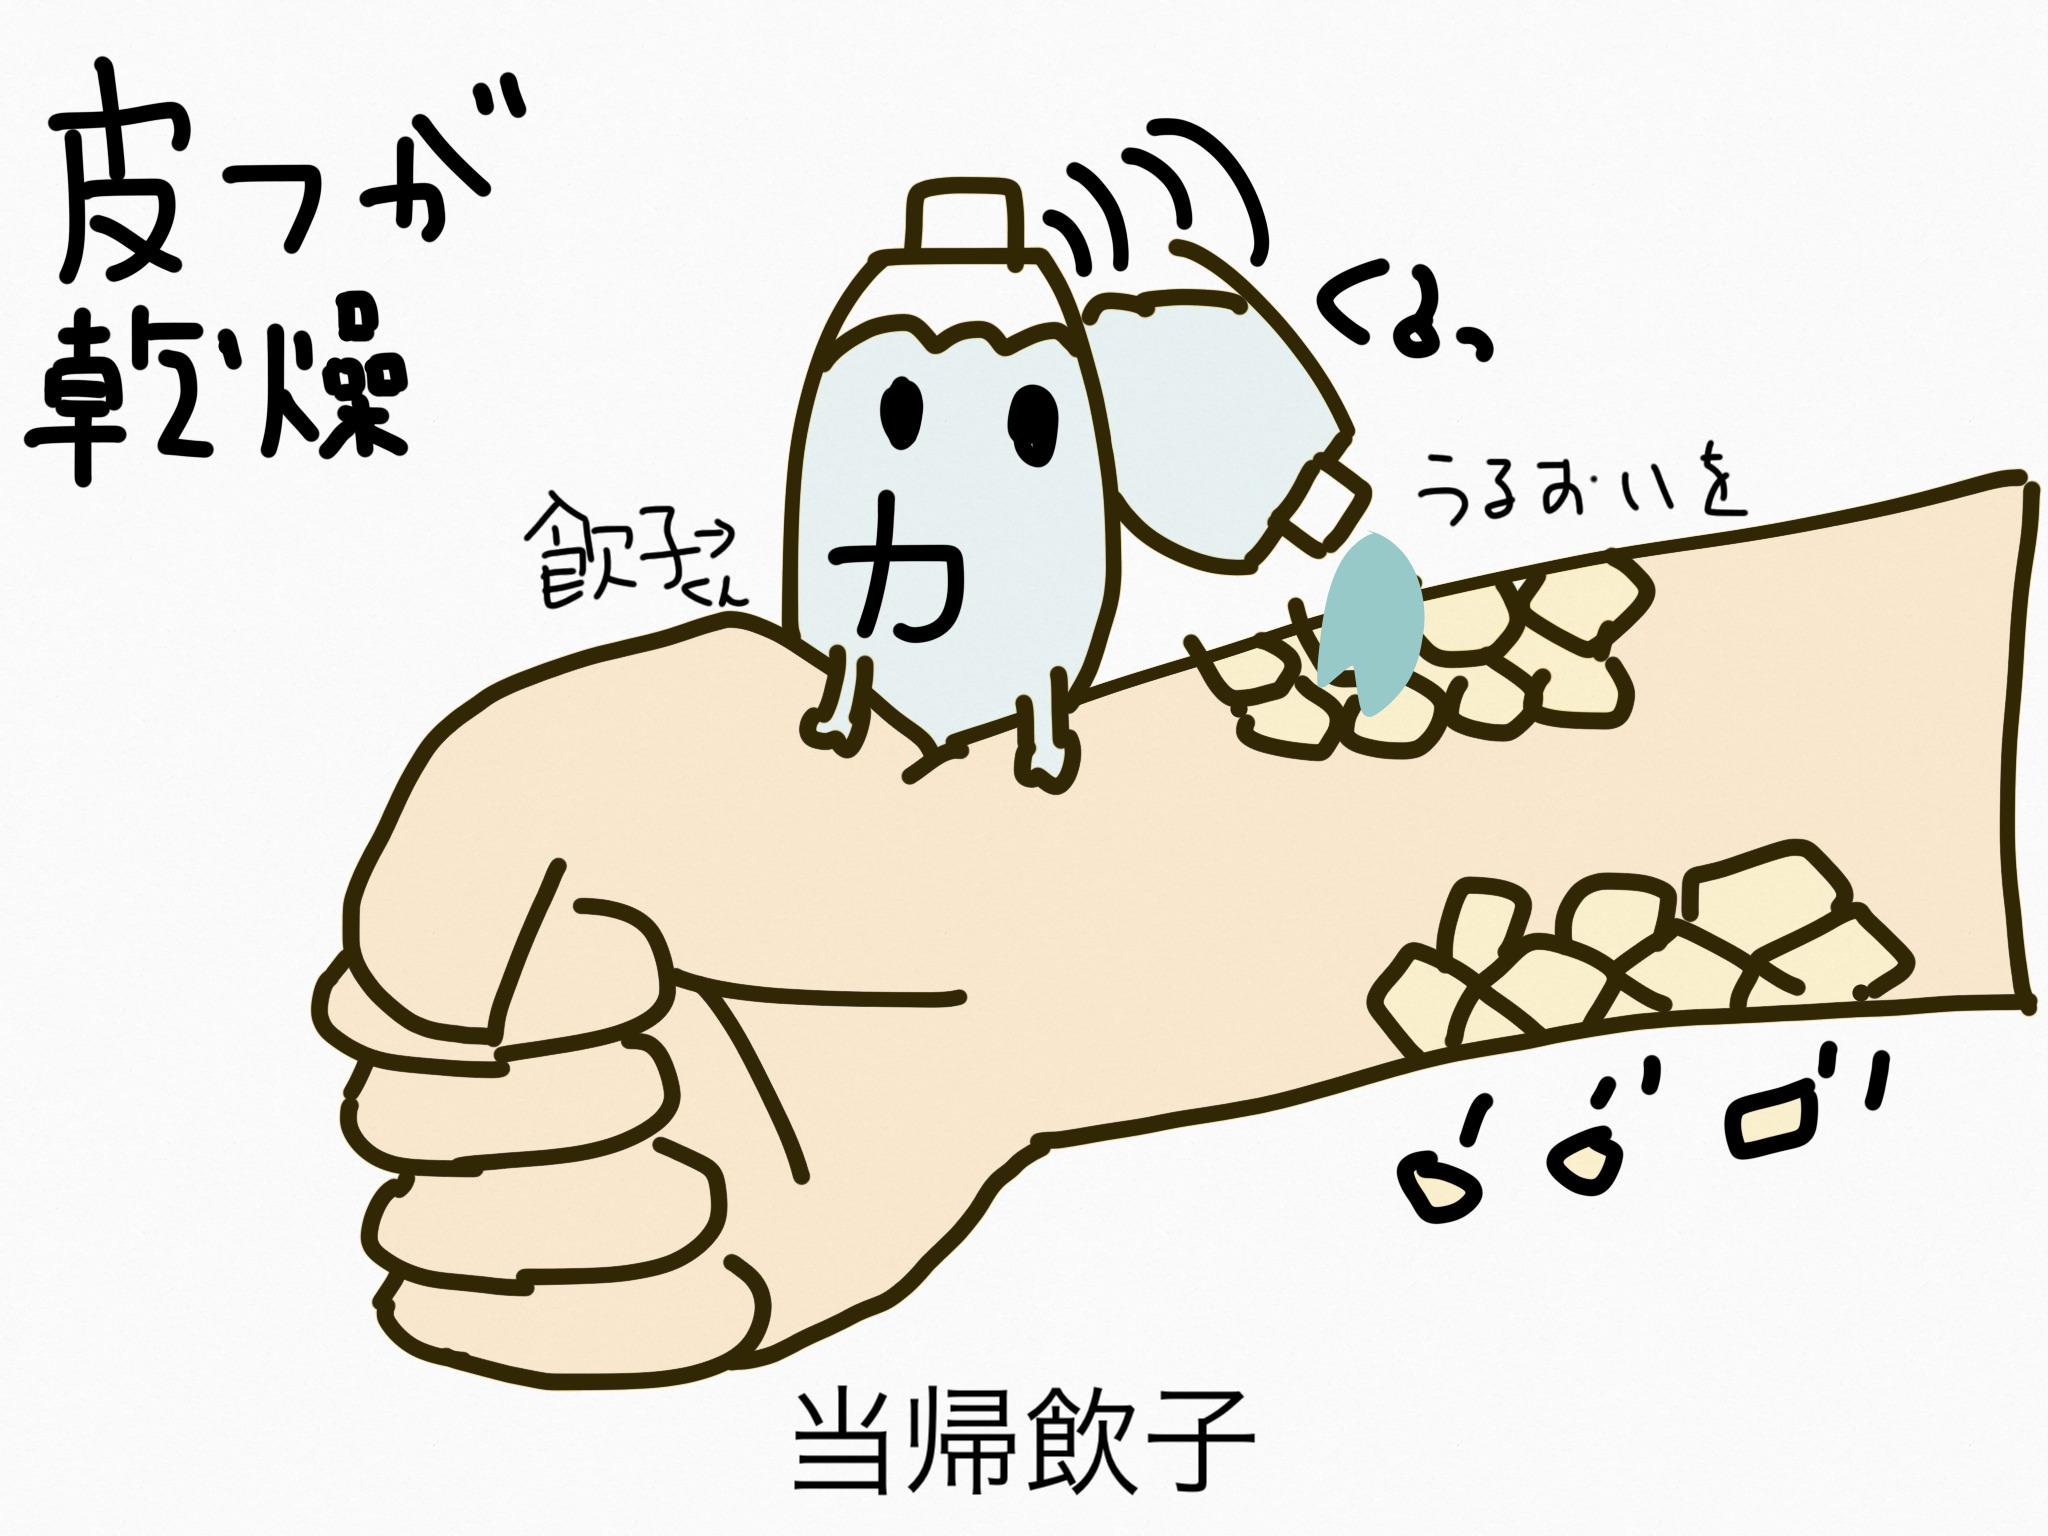 当帰飲子(とうきいんし)[皮膚疾患]【漢方の覚え方】